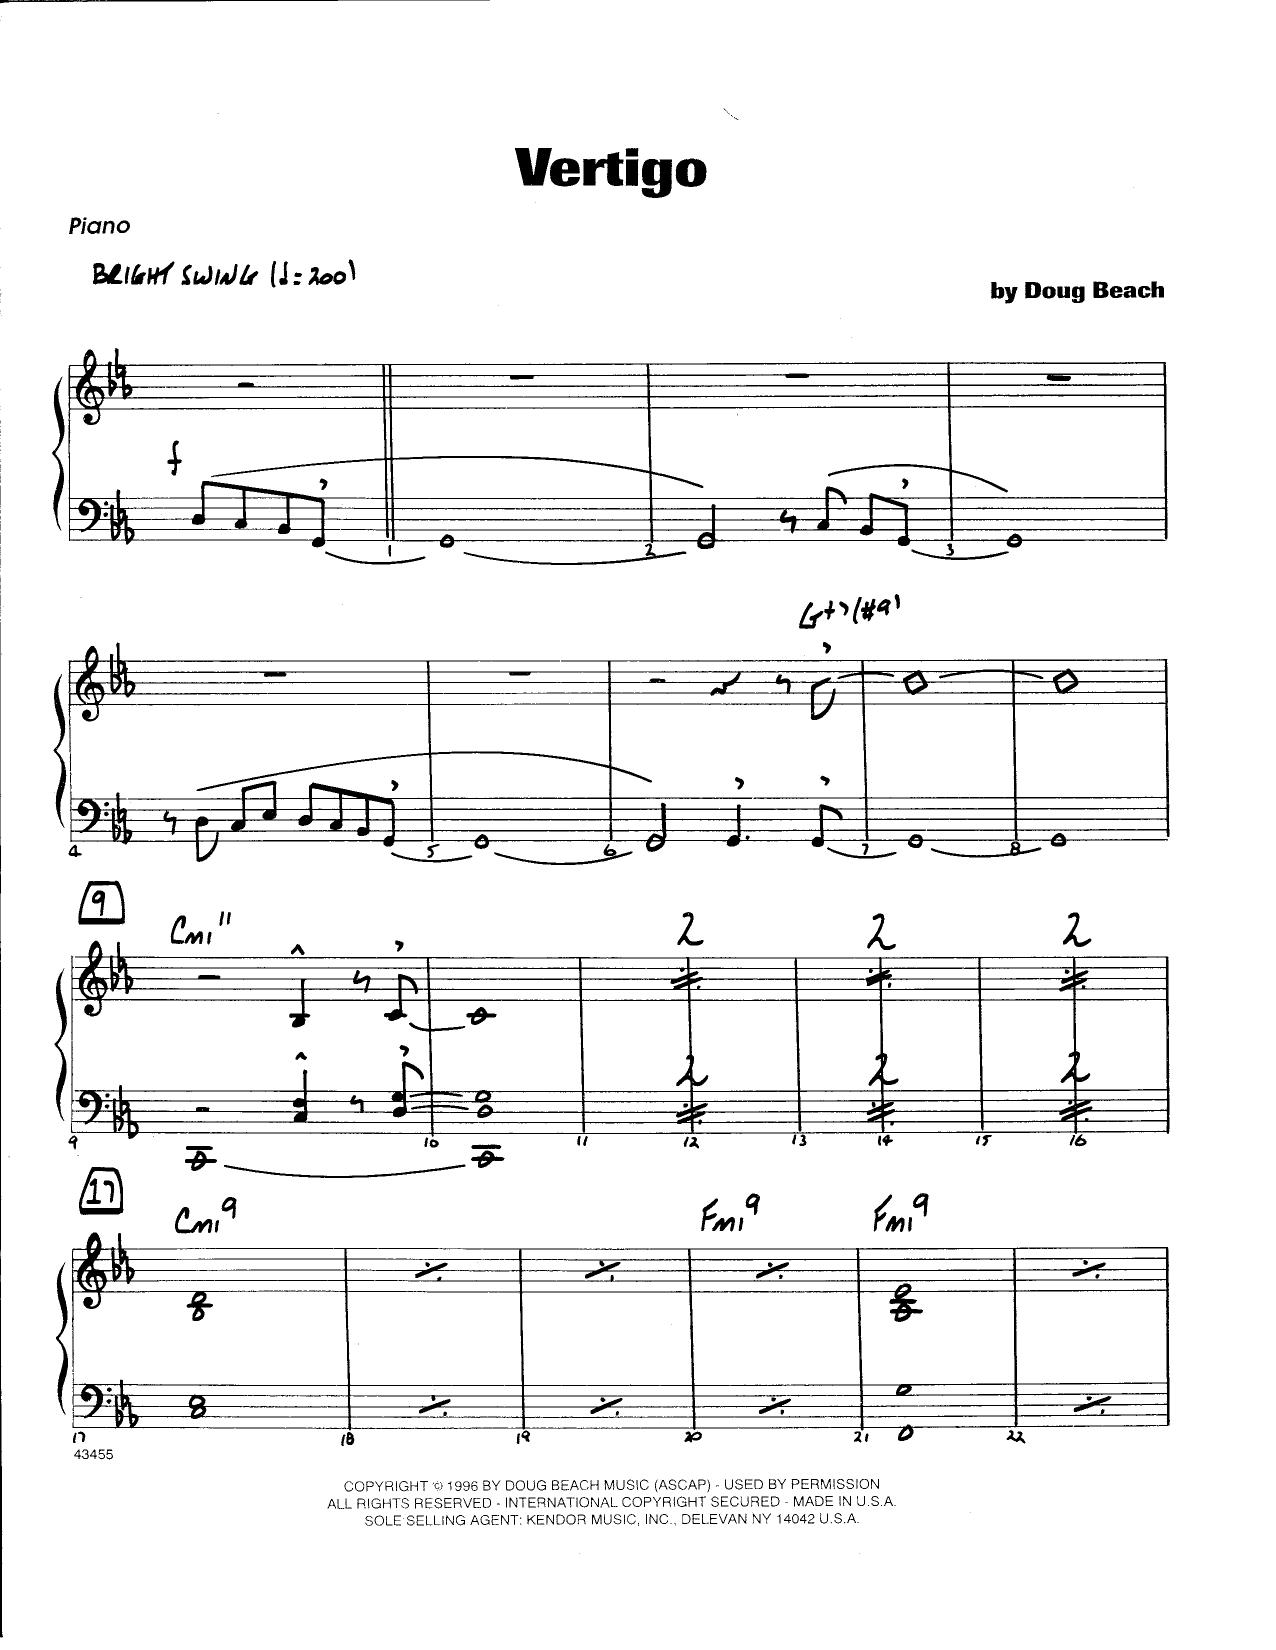 Doug Beach Vertigo - Guitar sheet music notes and chords. Download Printable PDF.